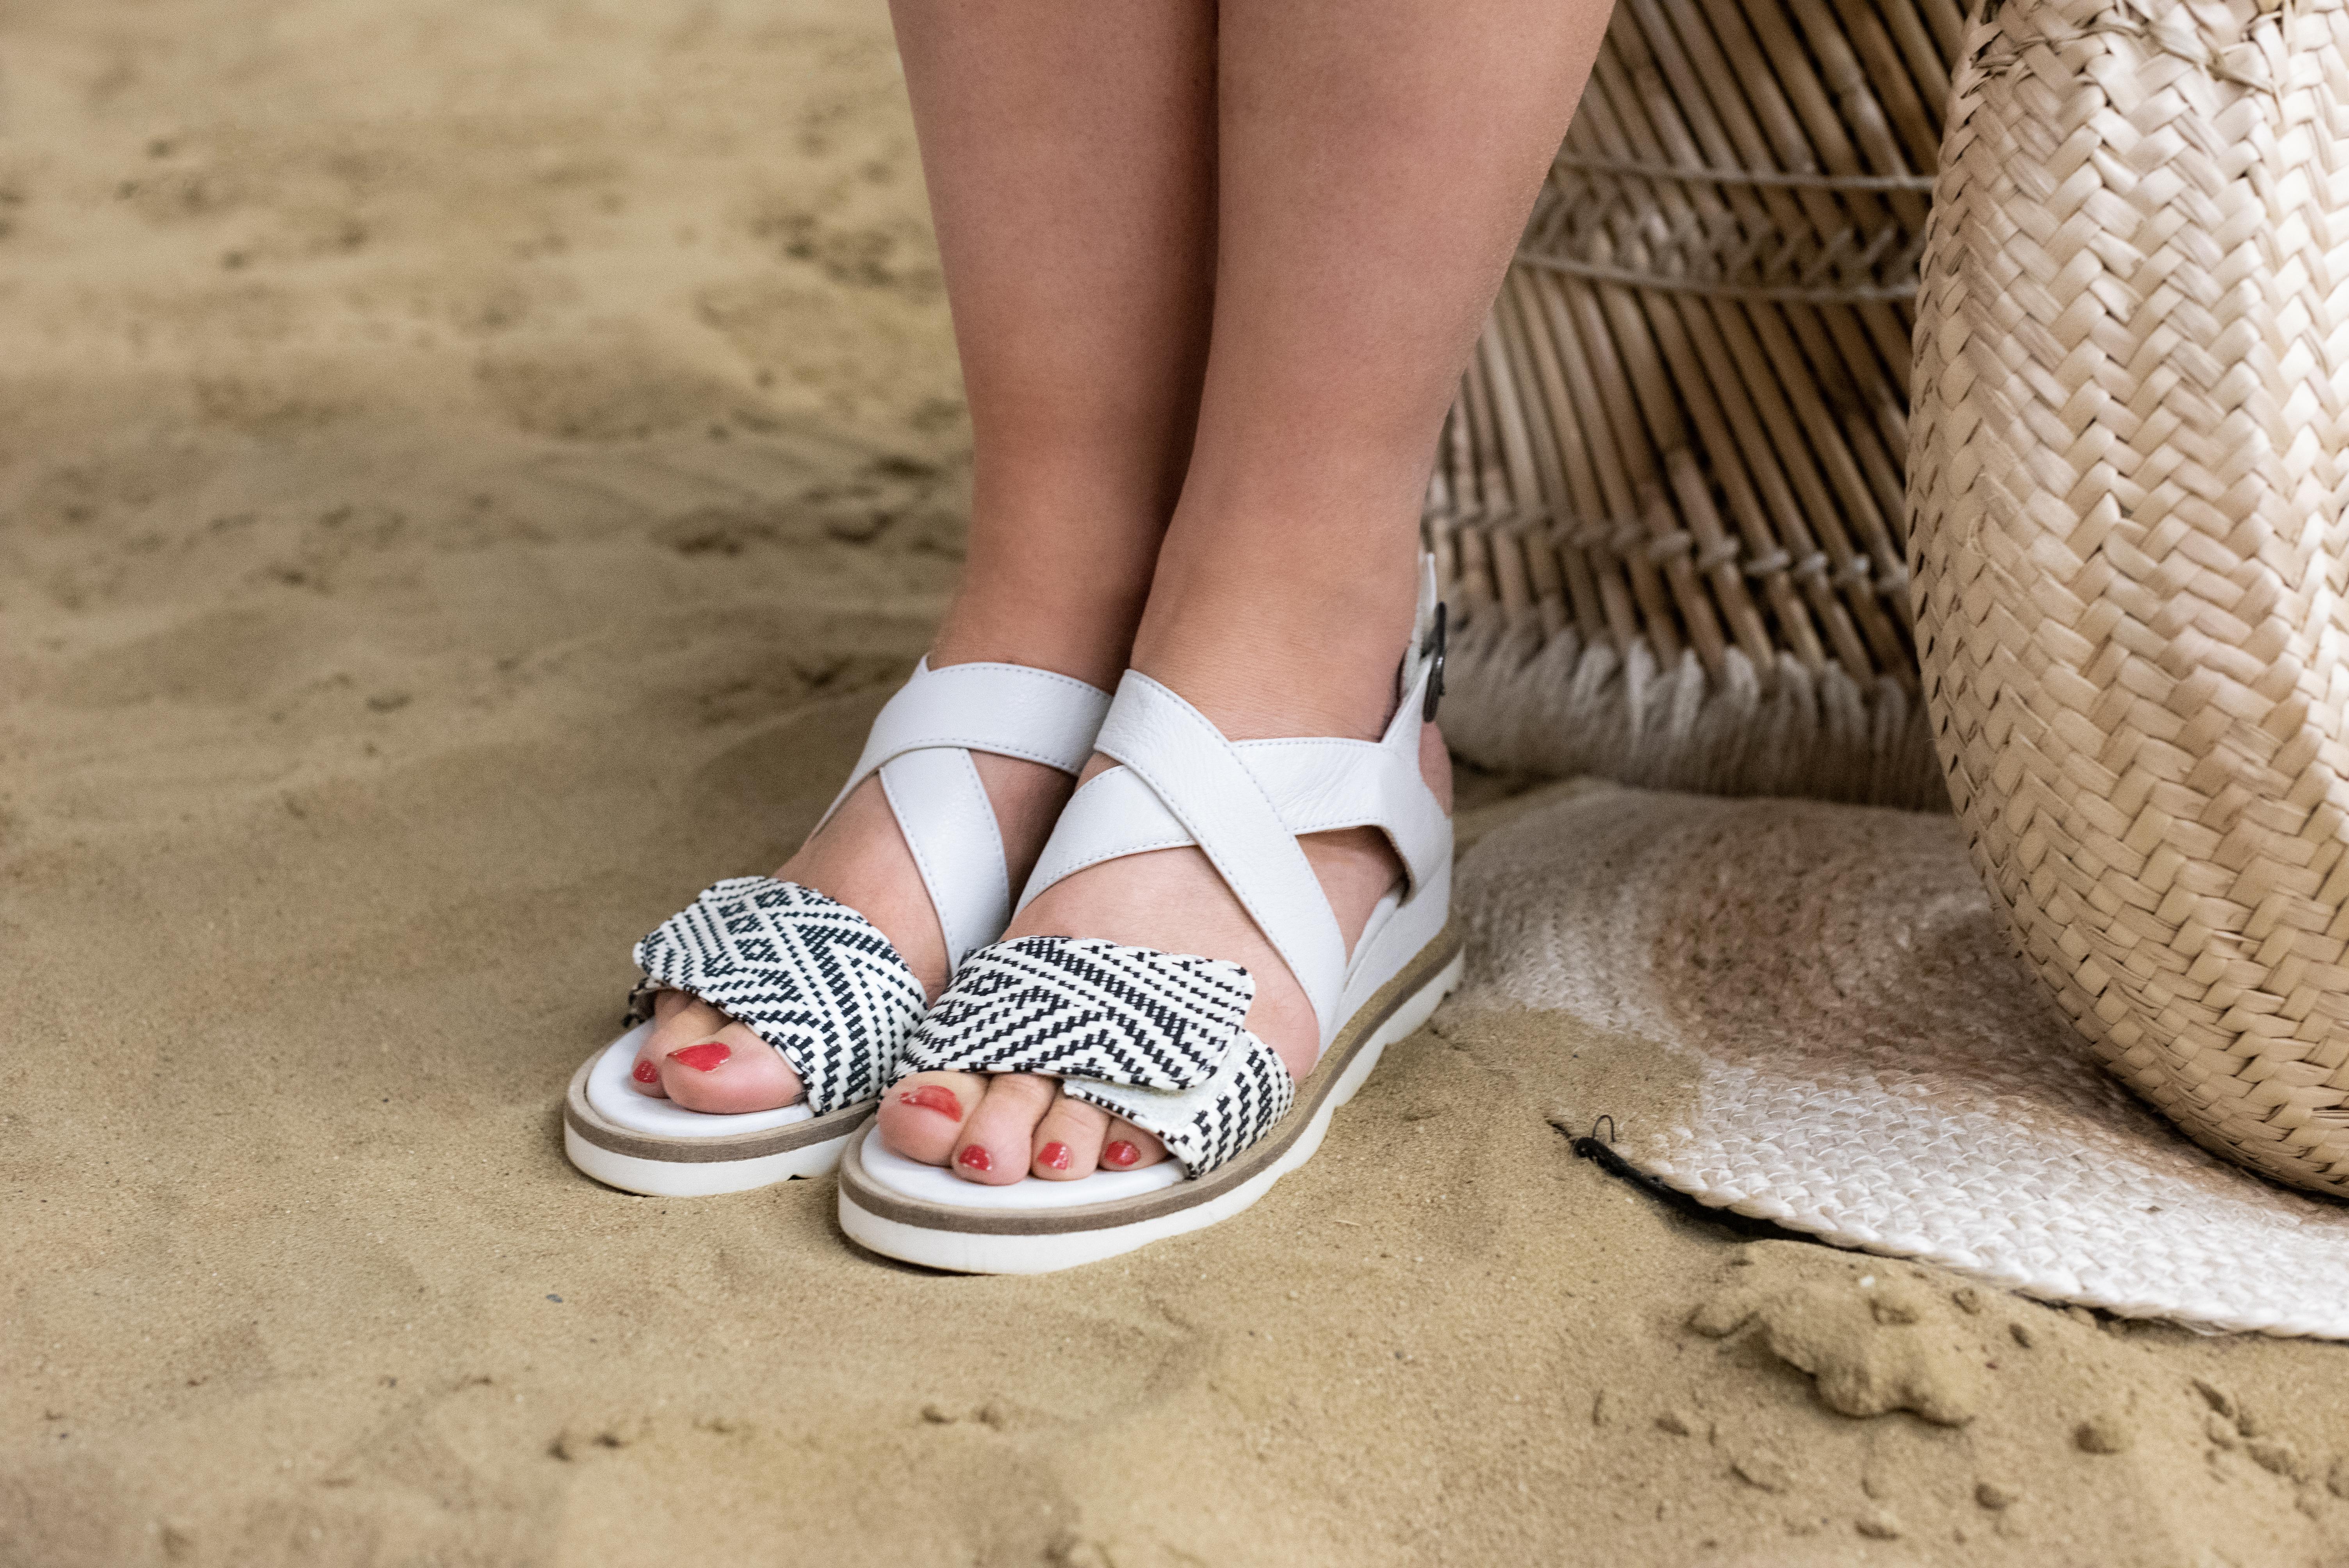 hippe-sandalen-voor-steunzolen-2